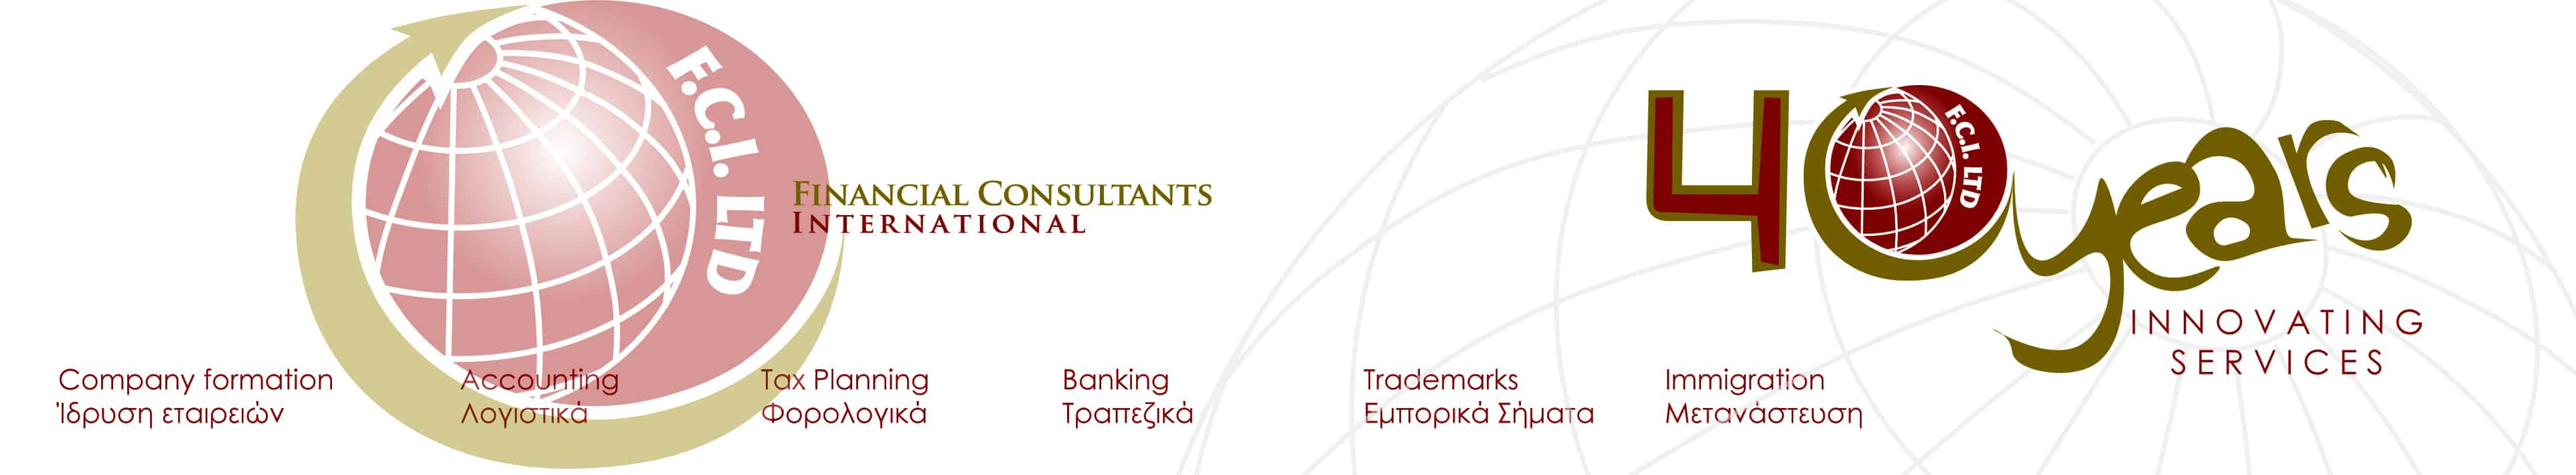 FCI Ltd (no text) 1-01